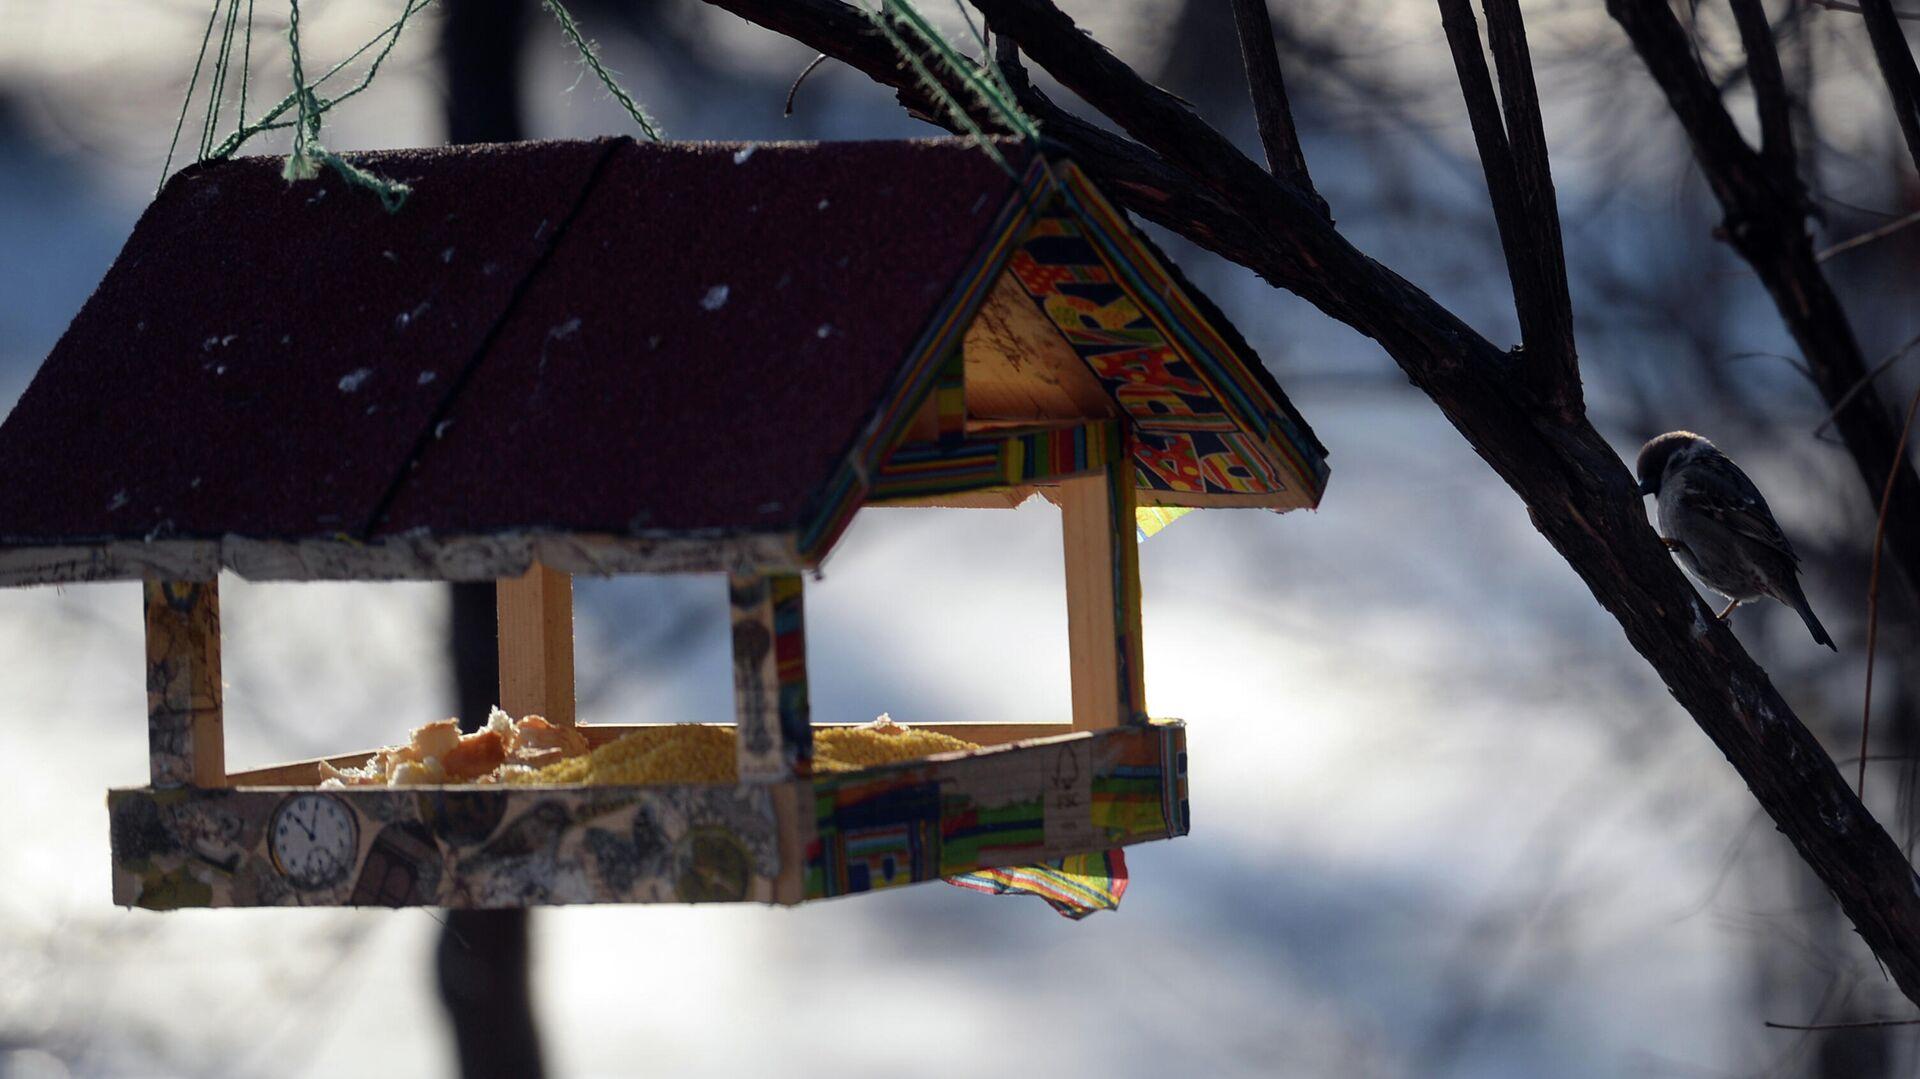 Птица у кормушки в парке Сокольники в Москве - РИА Новости, 1920, 28.02.2021